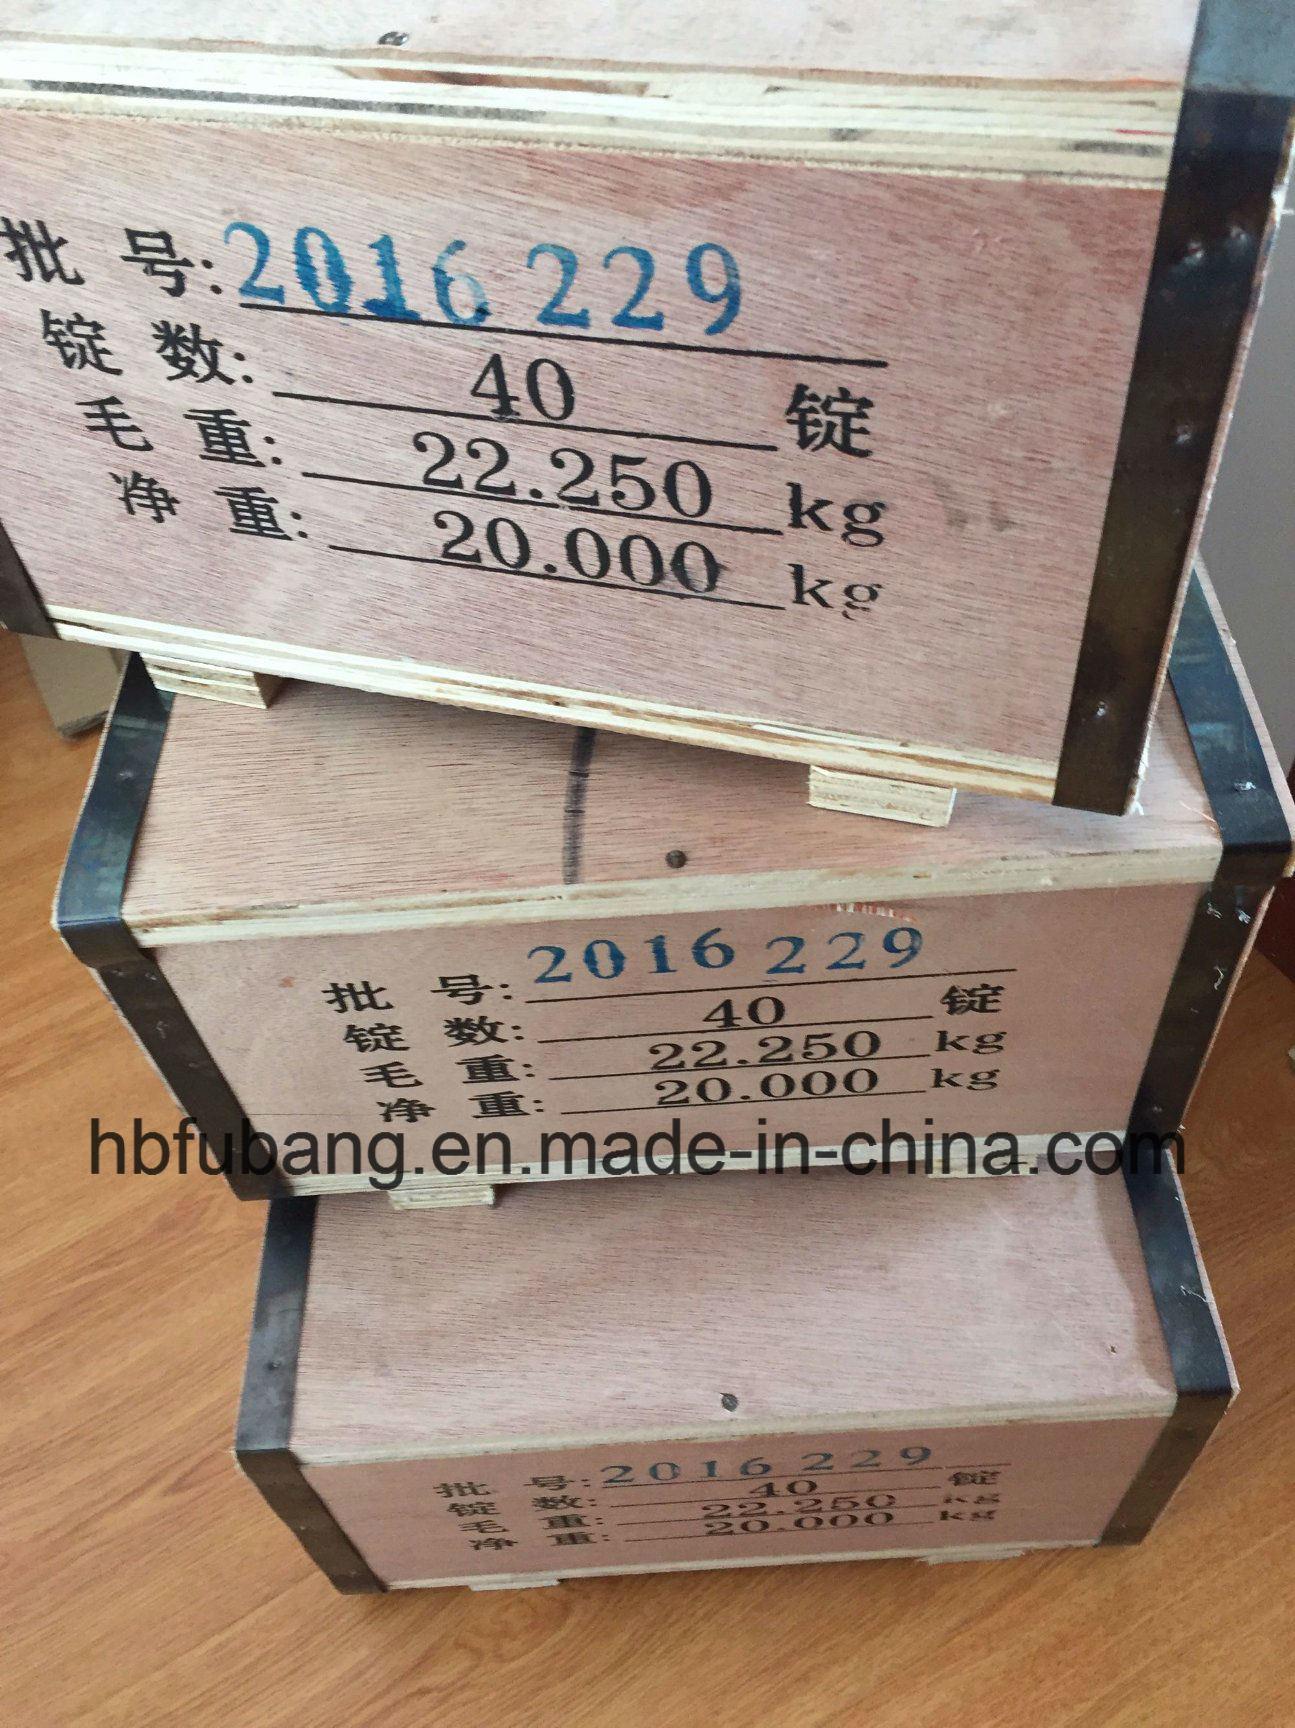 High Purity 99.99% Indium Ingot for Sale 4n/5n/6n, 99.99%/99.999%/99.9999%